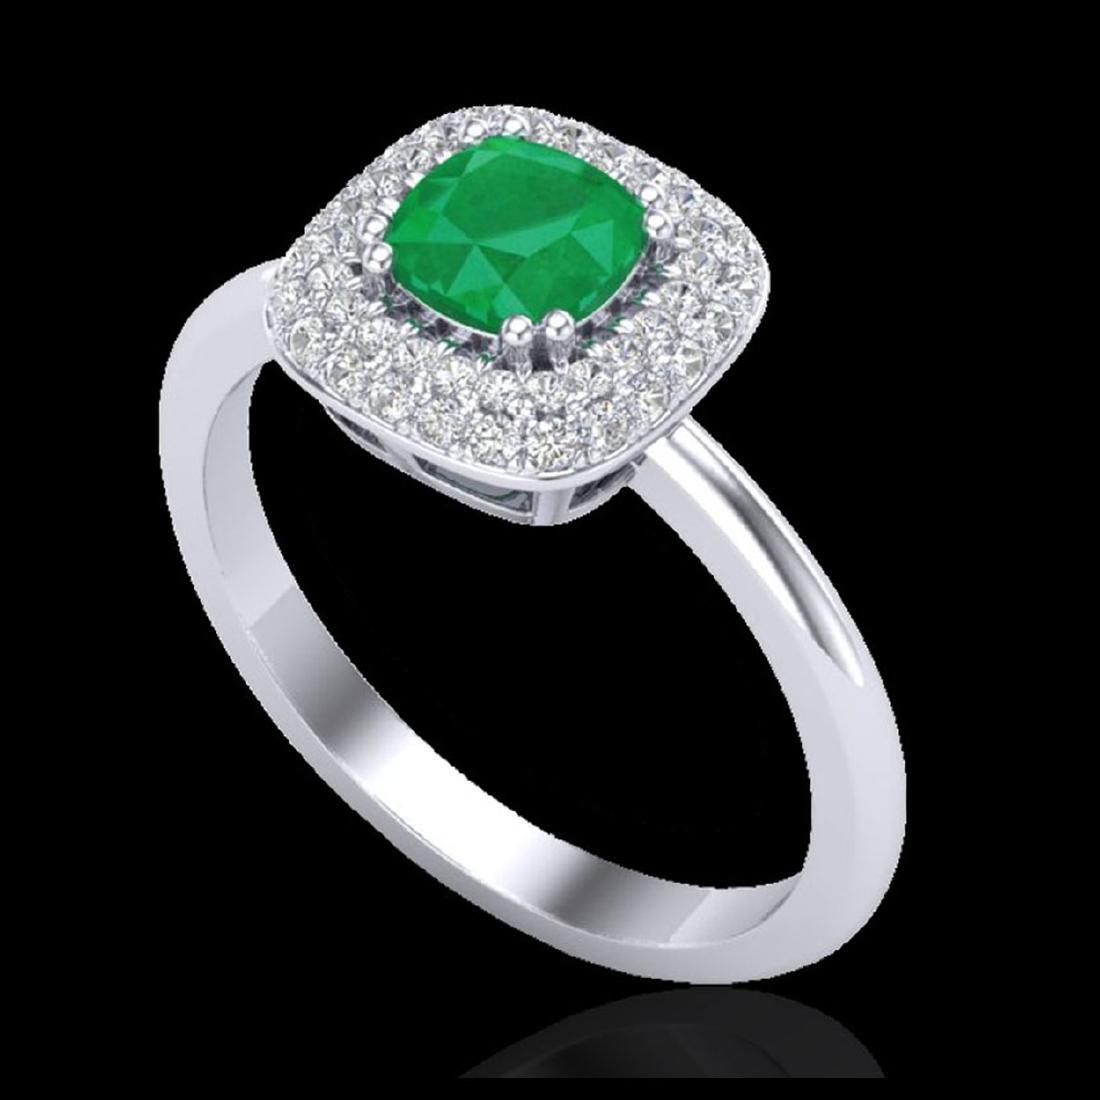 1.16 CTW Emerald & Micro VS/SI Diamond Ring Solitaire - 2